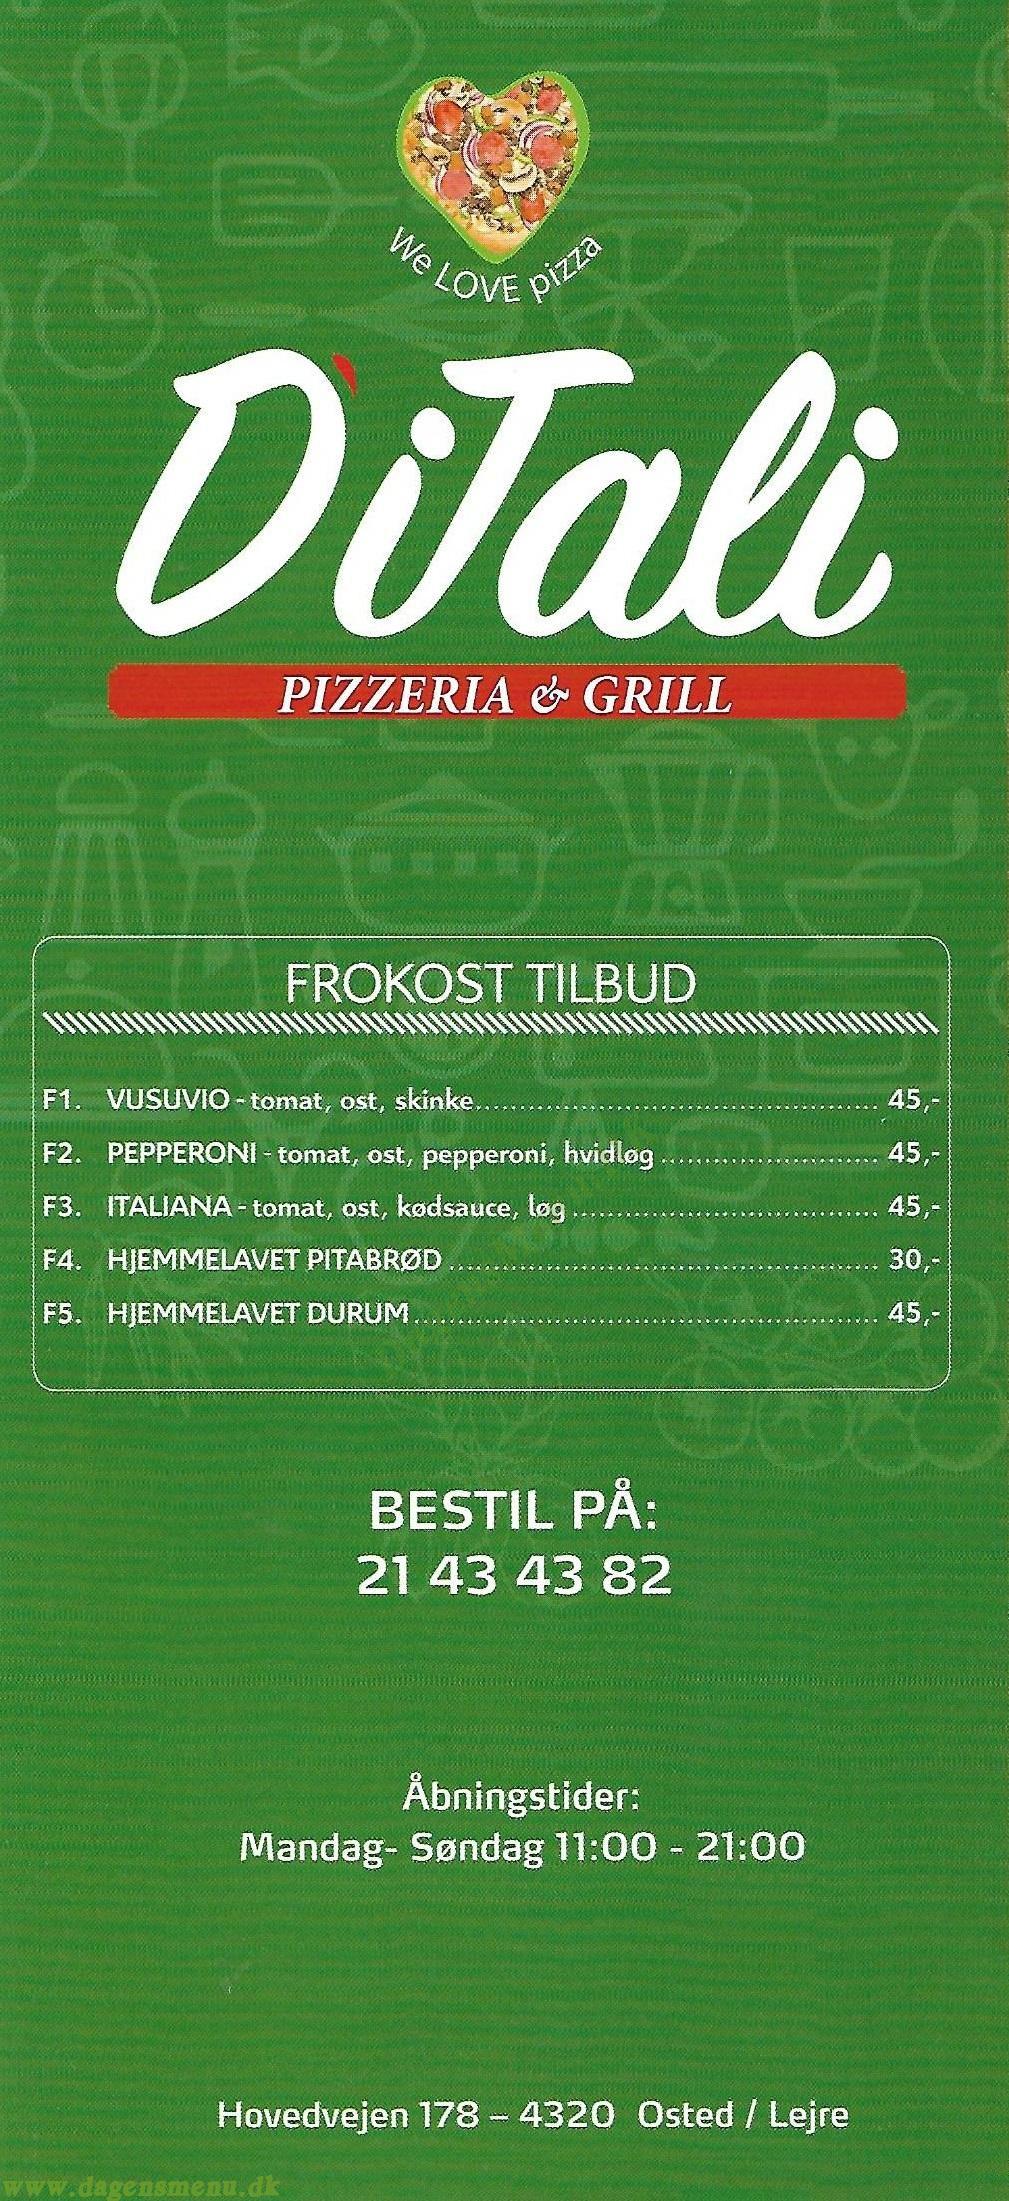 DiTali - Pizzeria & Grill - Menukort